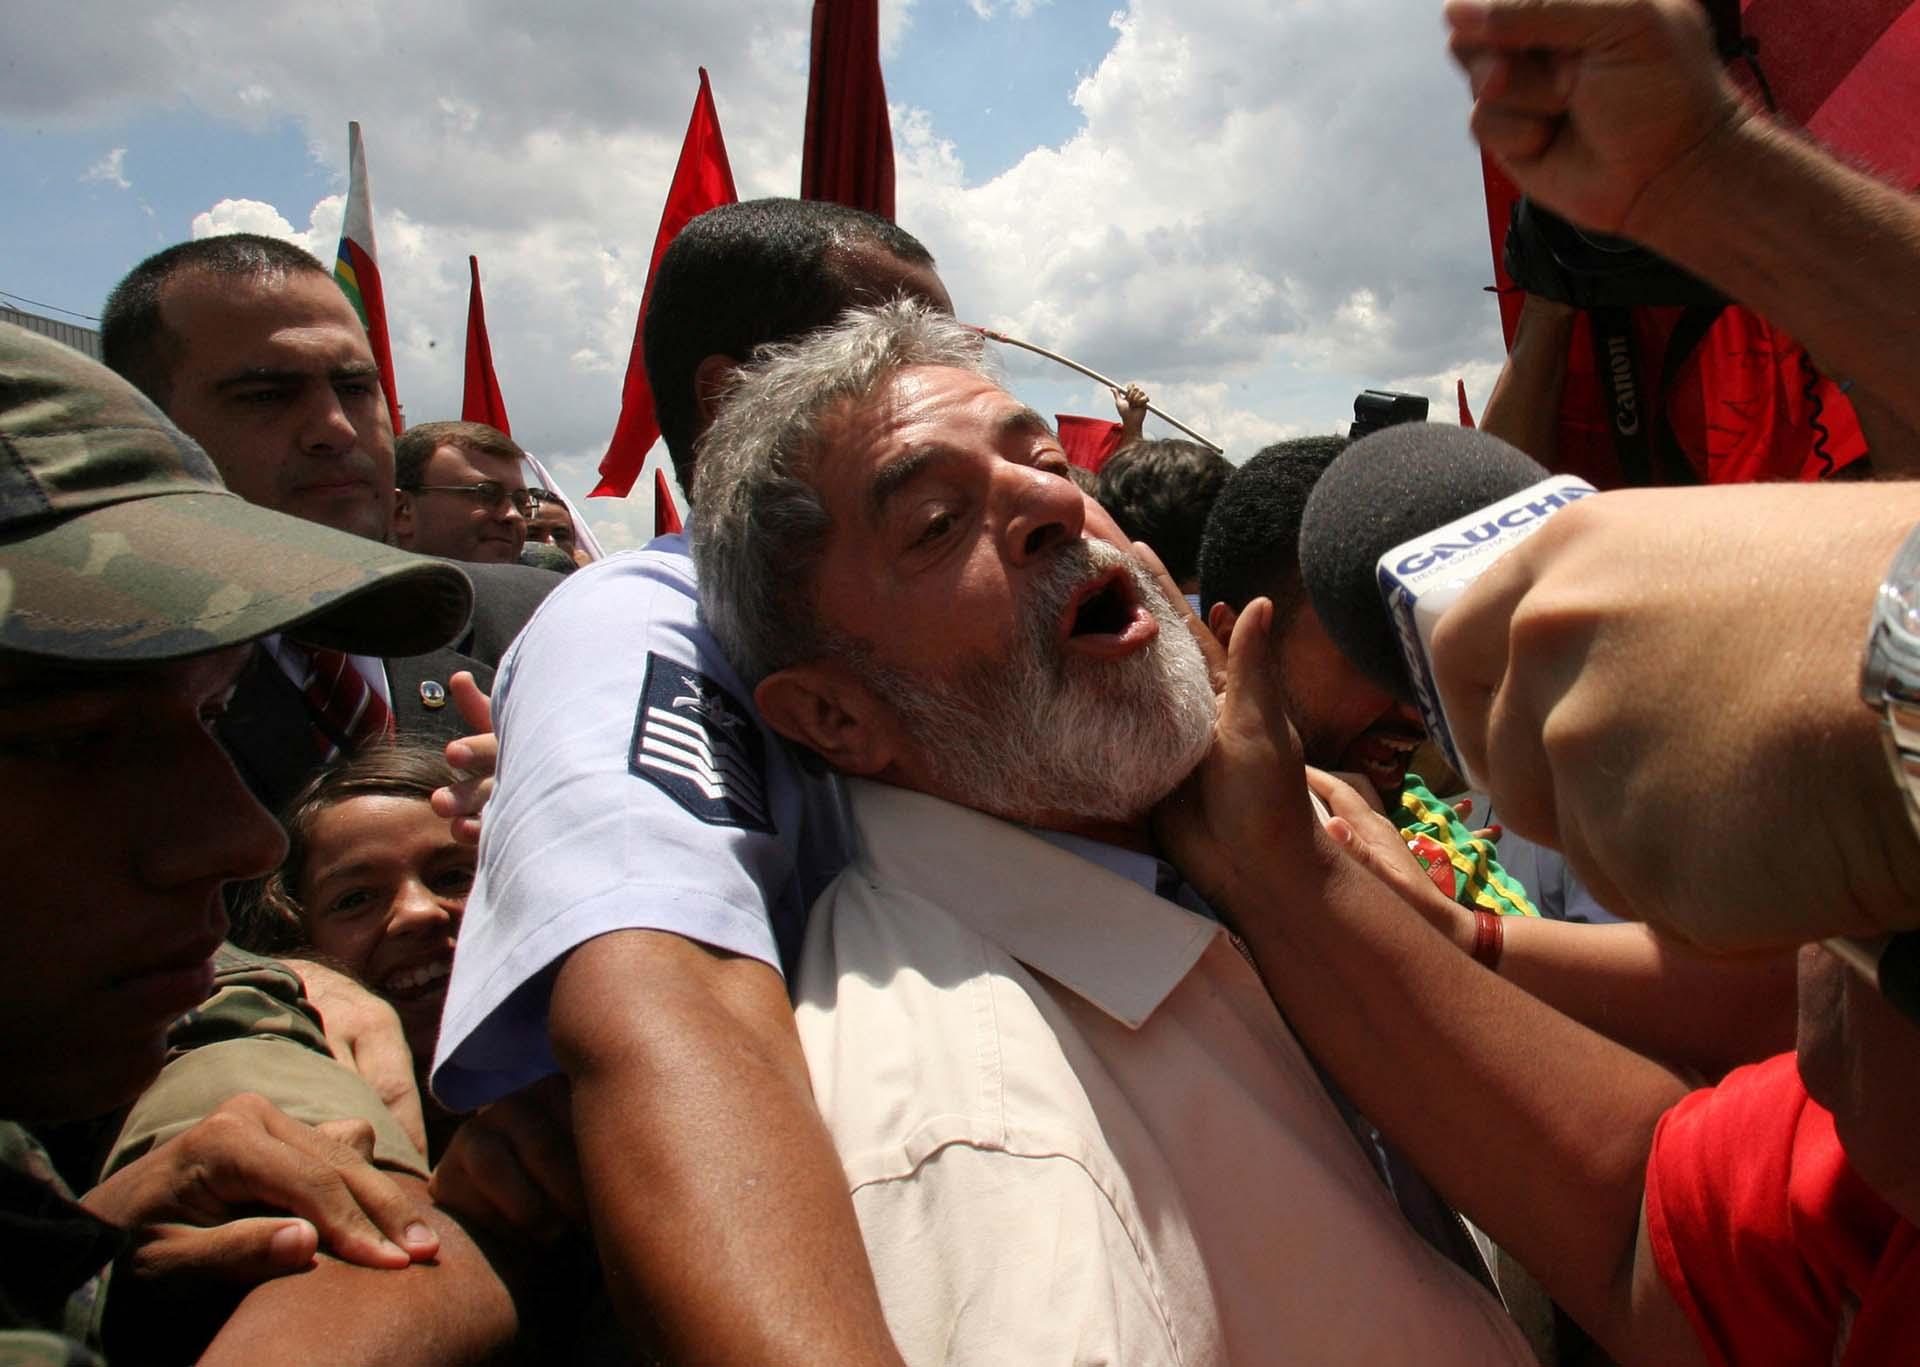 Días más tarde, se presentó en Brasilia, donde otros miles de seguidores lo esperaban en el aeropuerto de la capital (Reuters/Jamil Bittar)